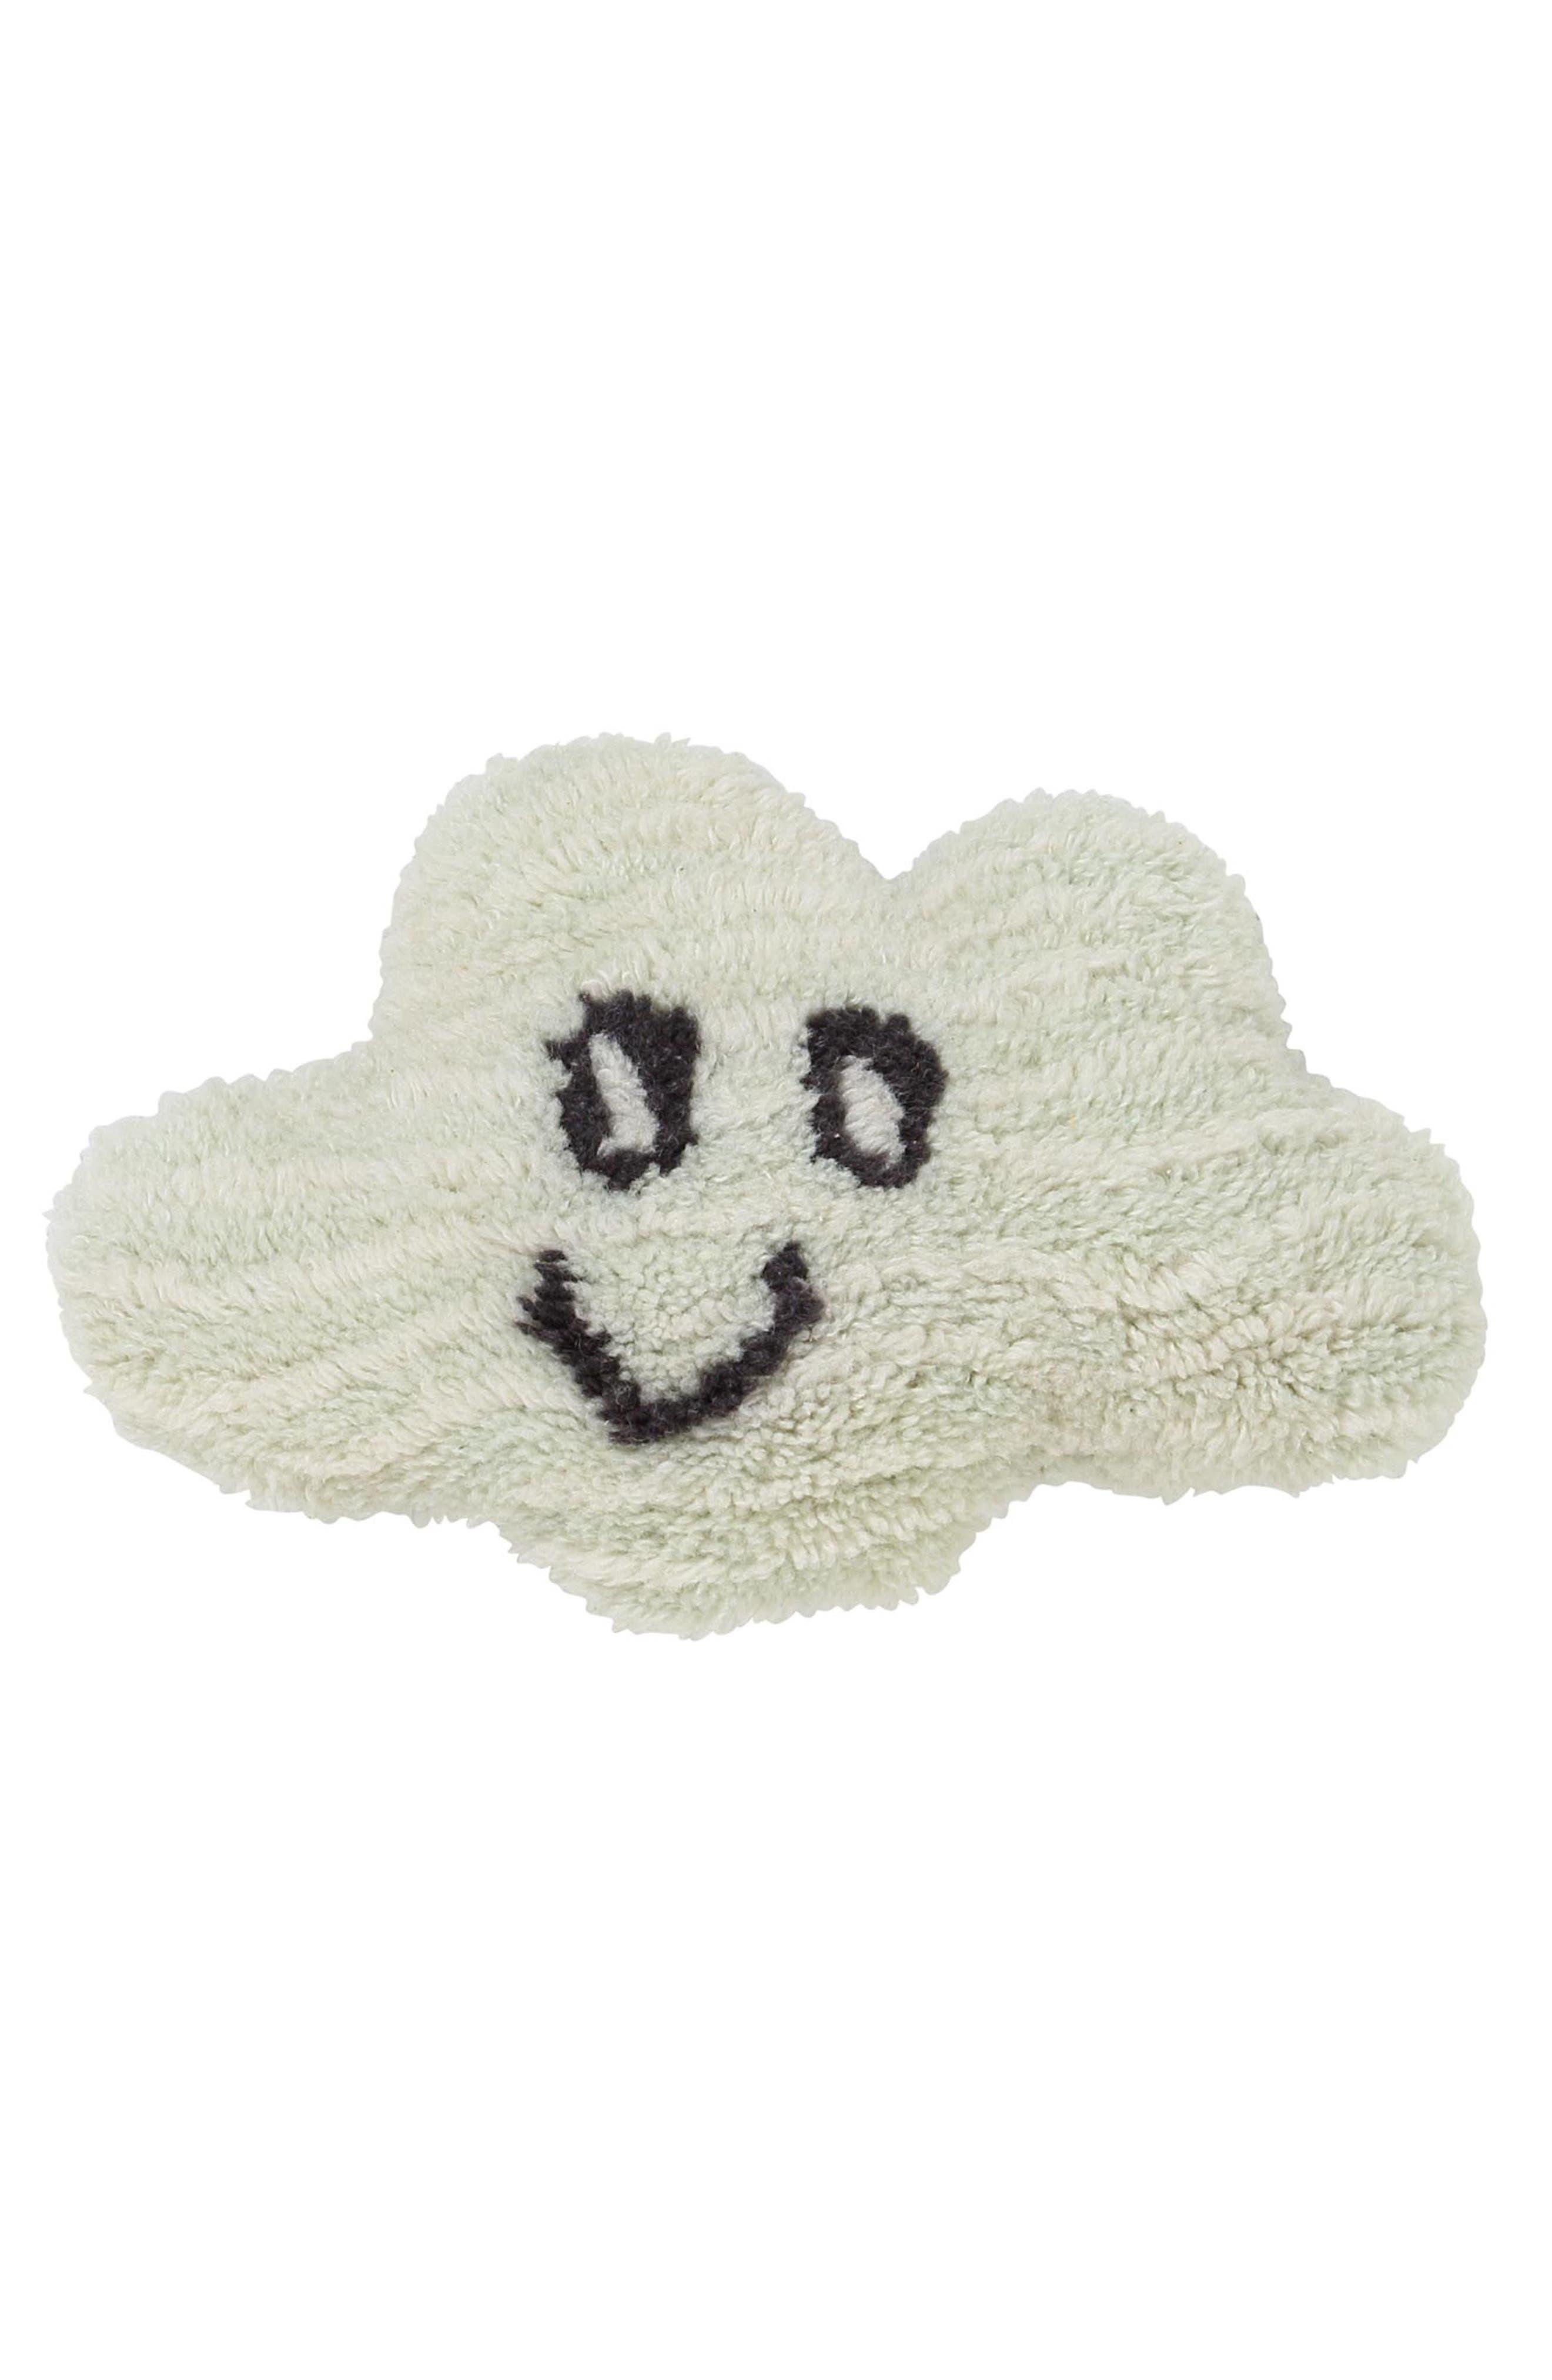 Nimbus Cloud Cushion Wool Pillow,                             Main thumbnail 1, color,                             Multi